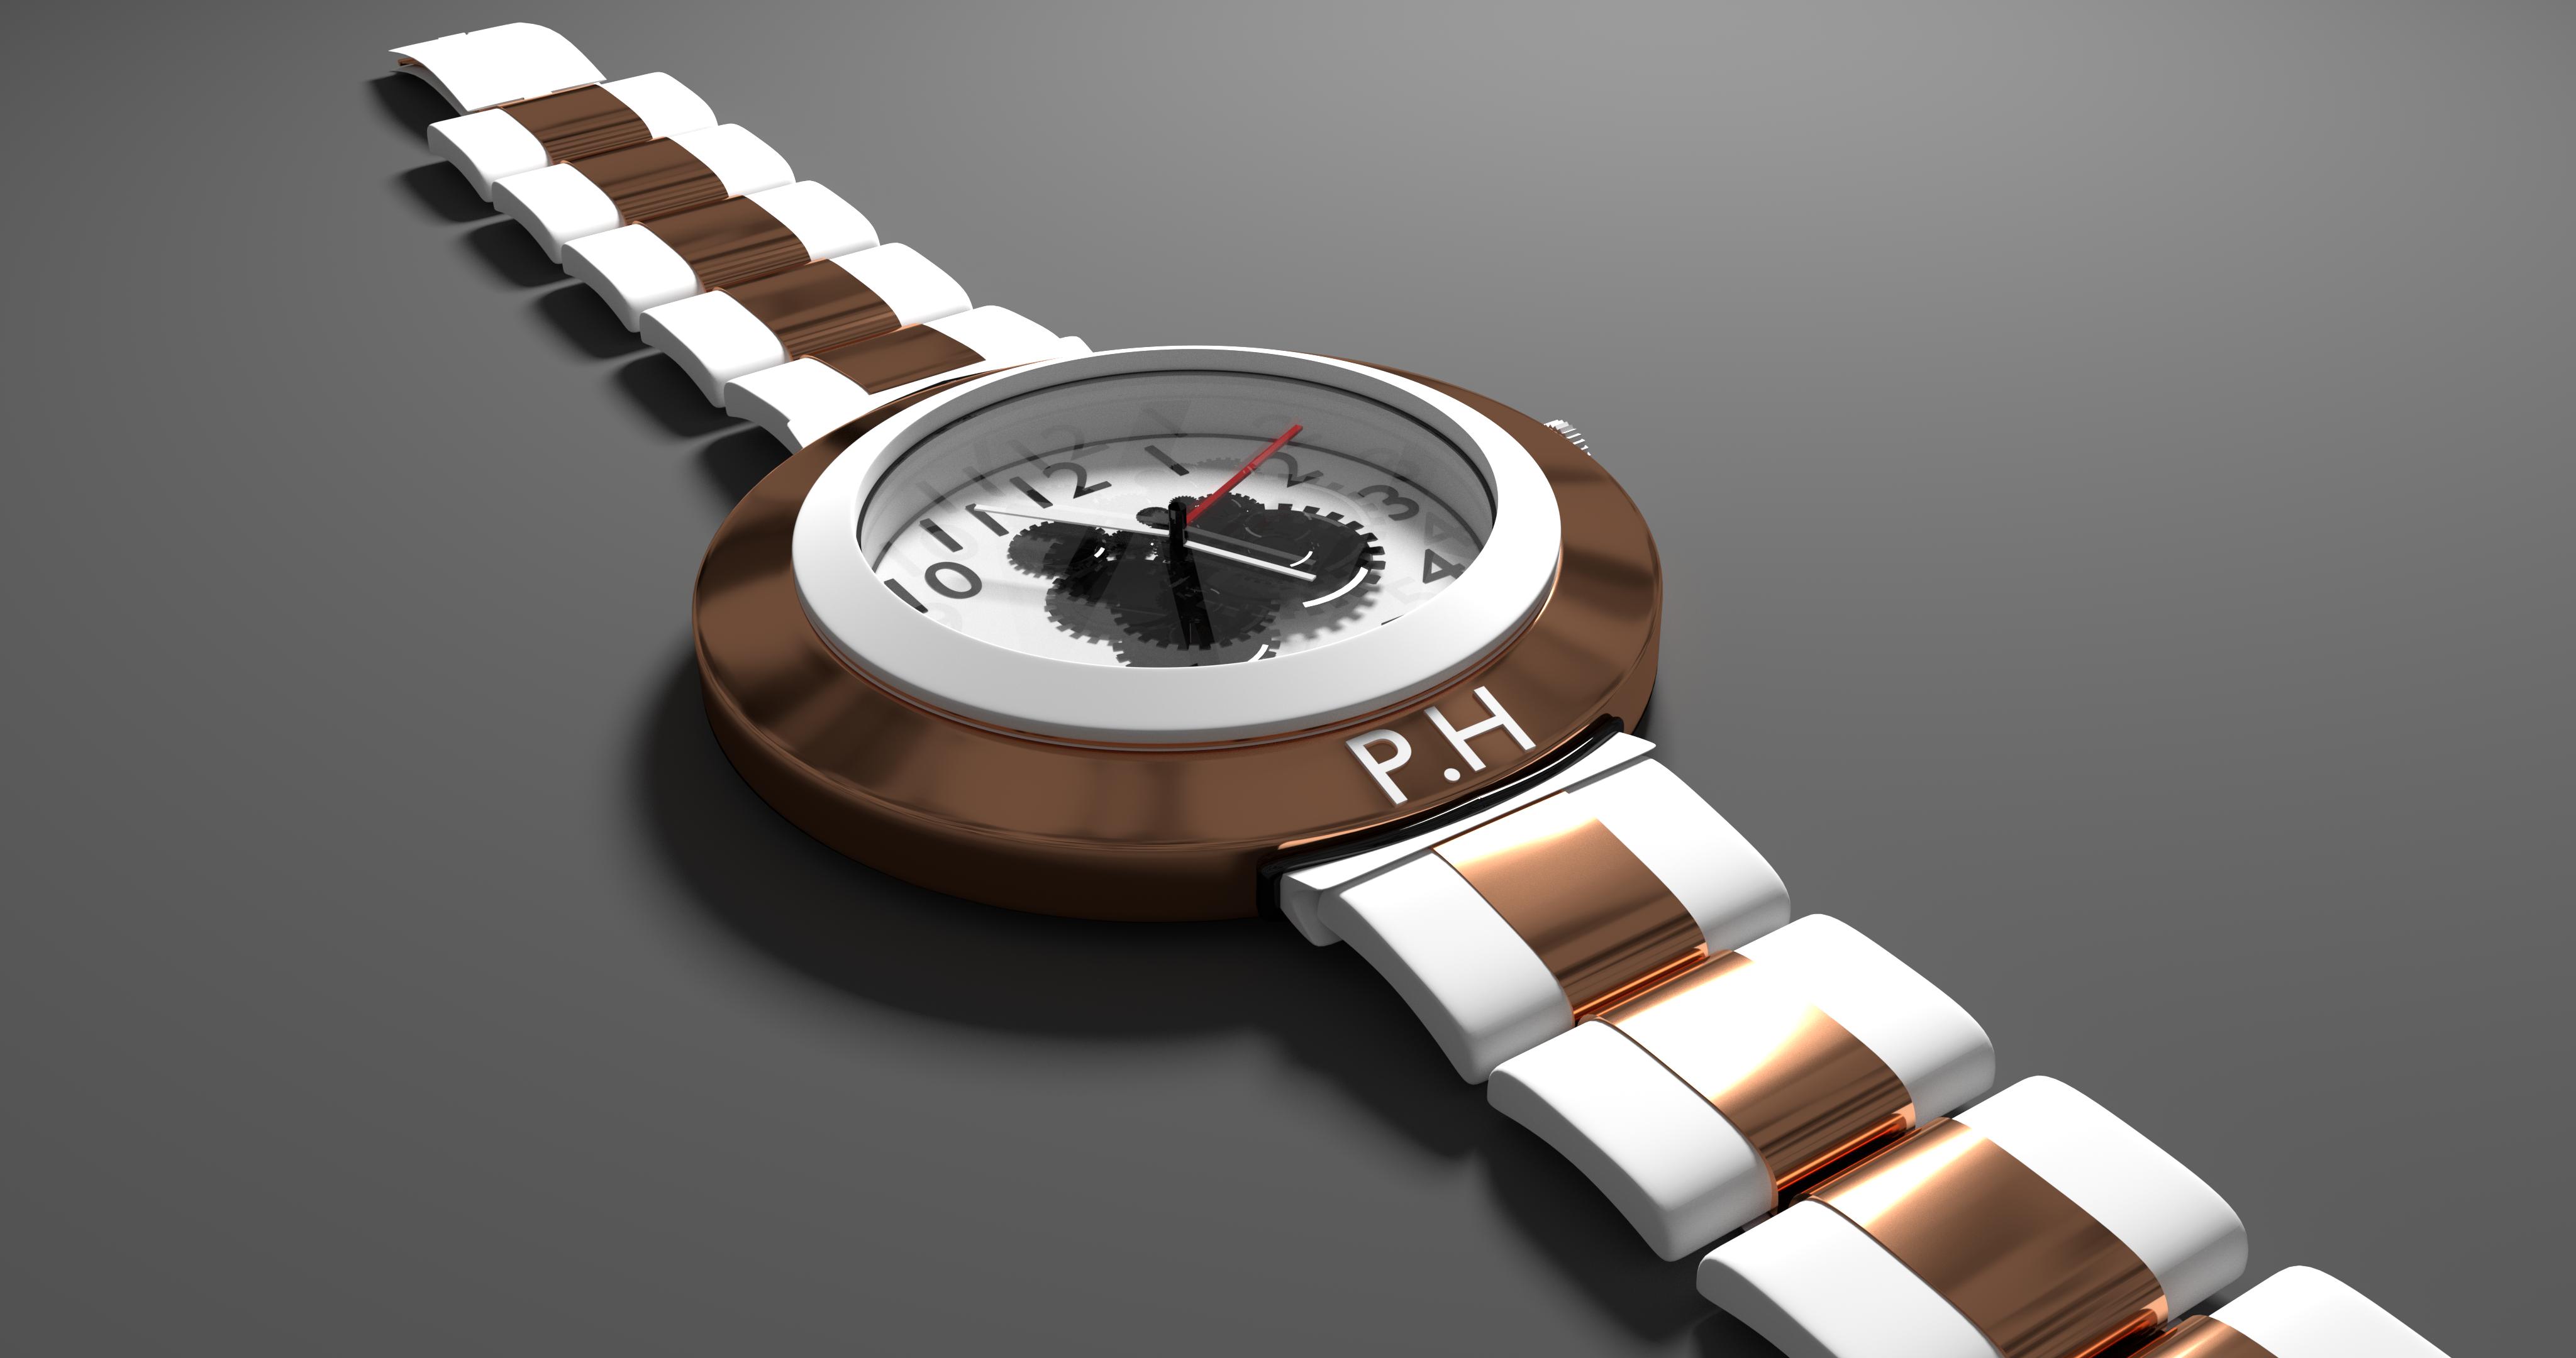 4K Watch Wallpaper